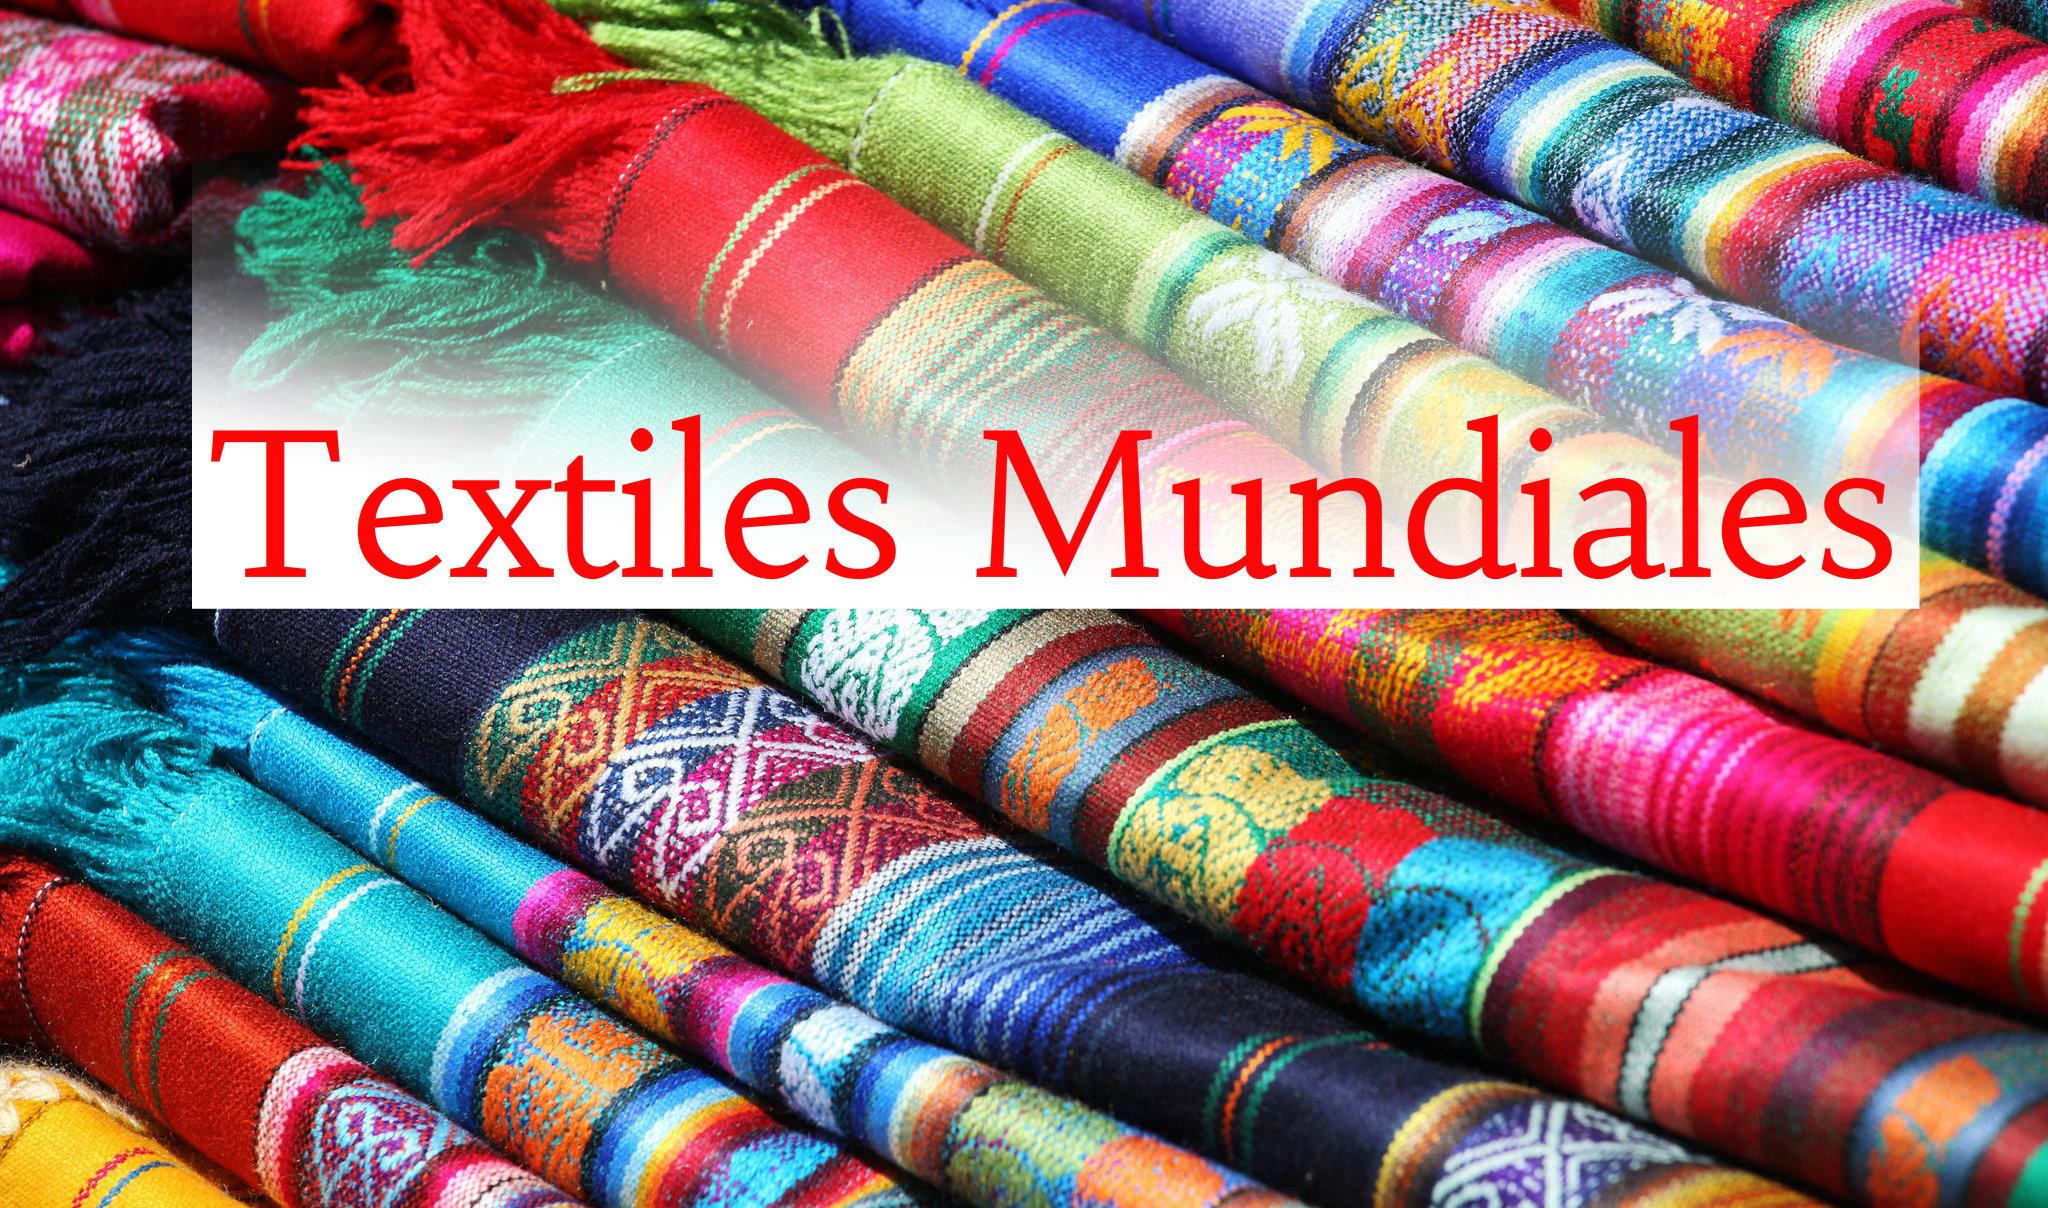 Textiles mundiales